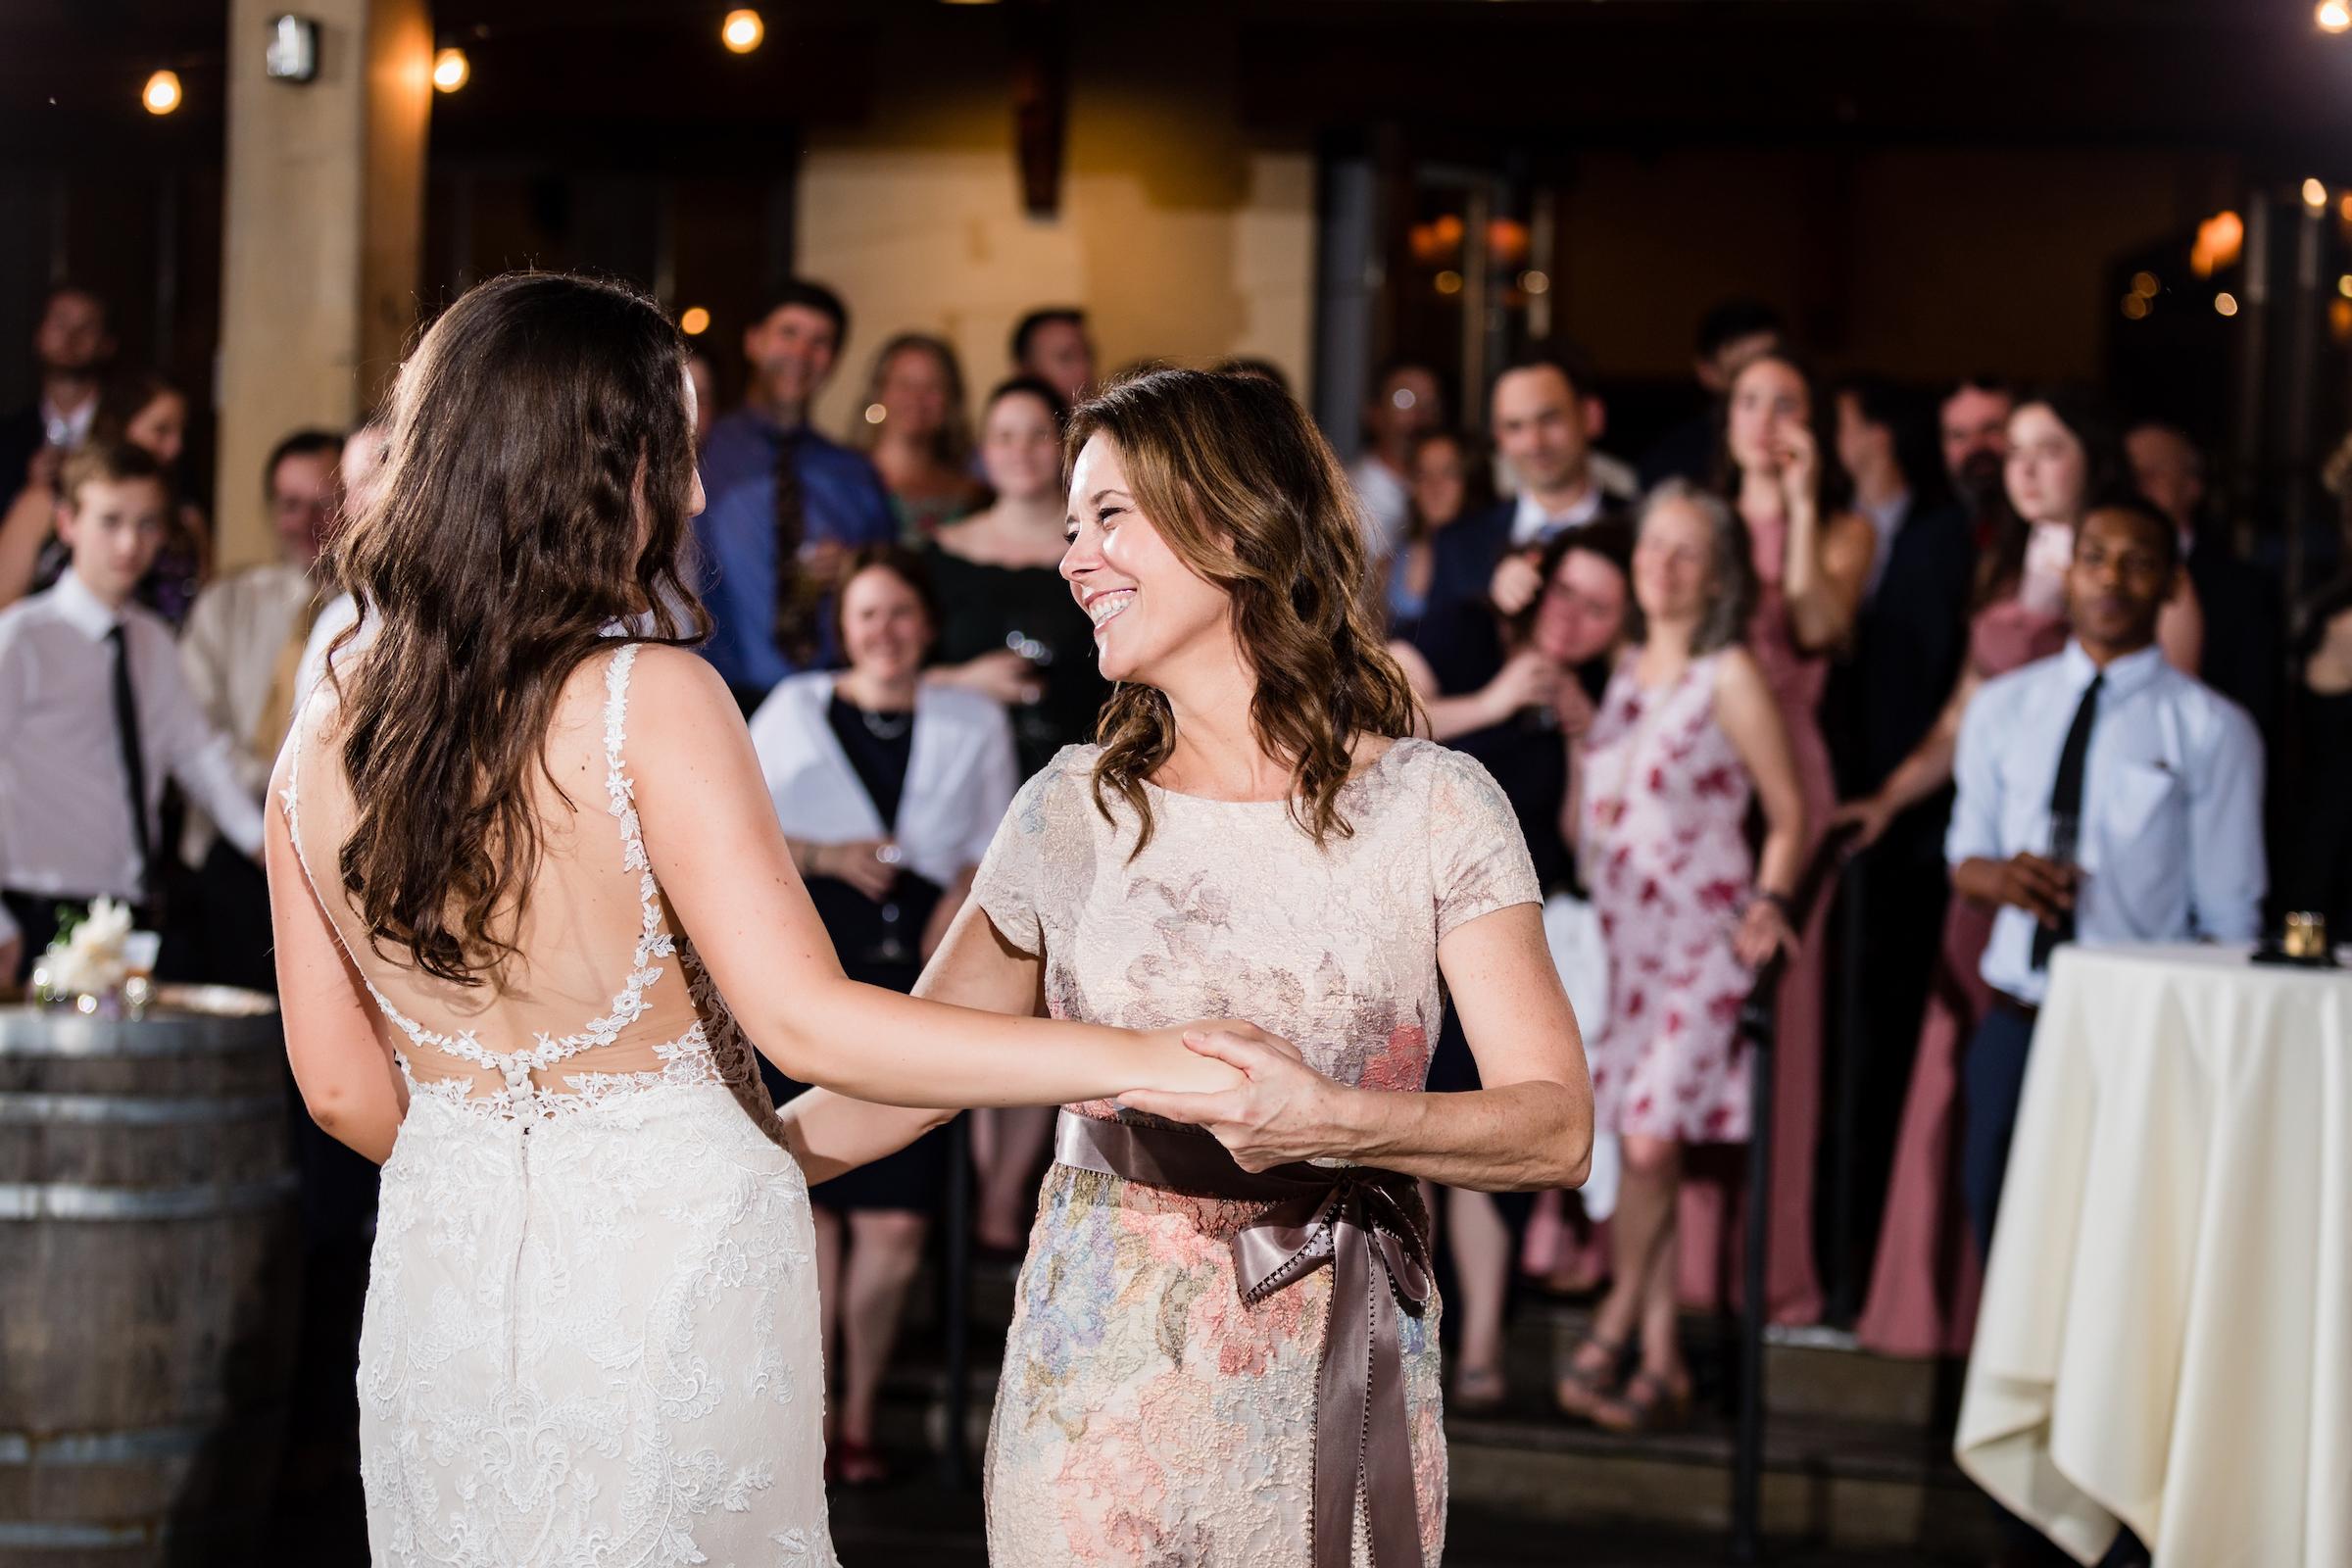 brielle-davis-events-kairos-photography-chandler-hill-wedding-dancing-619.jpg